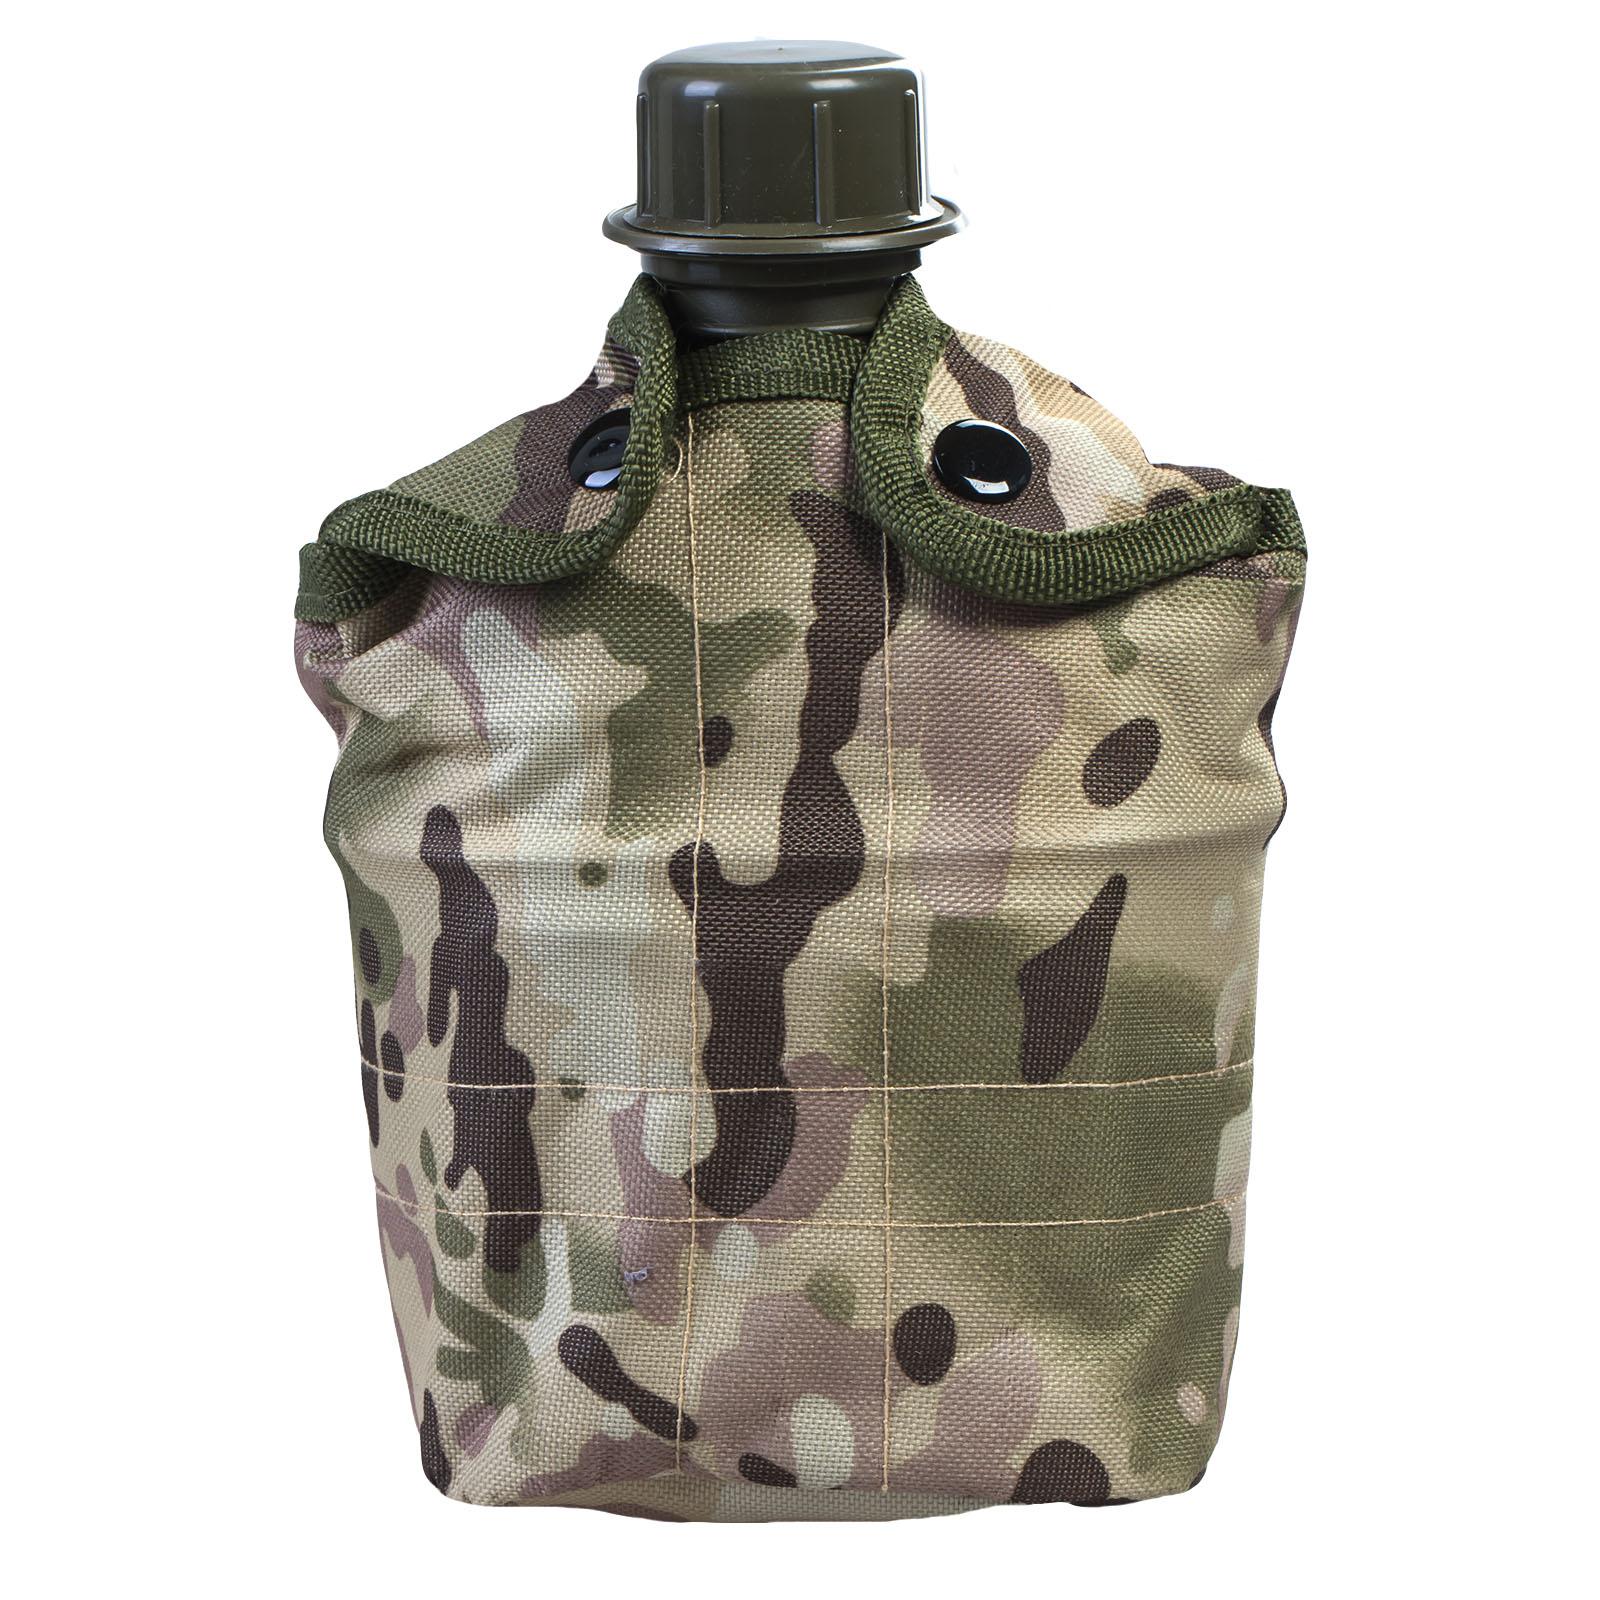 Армейская фляга с чехлом